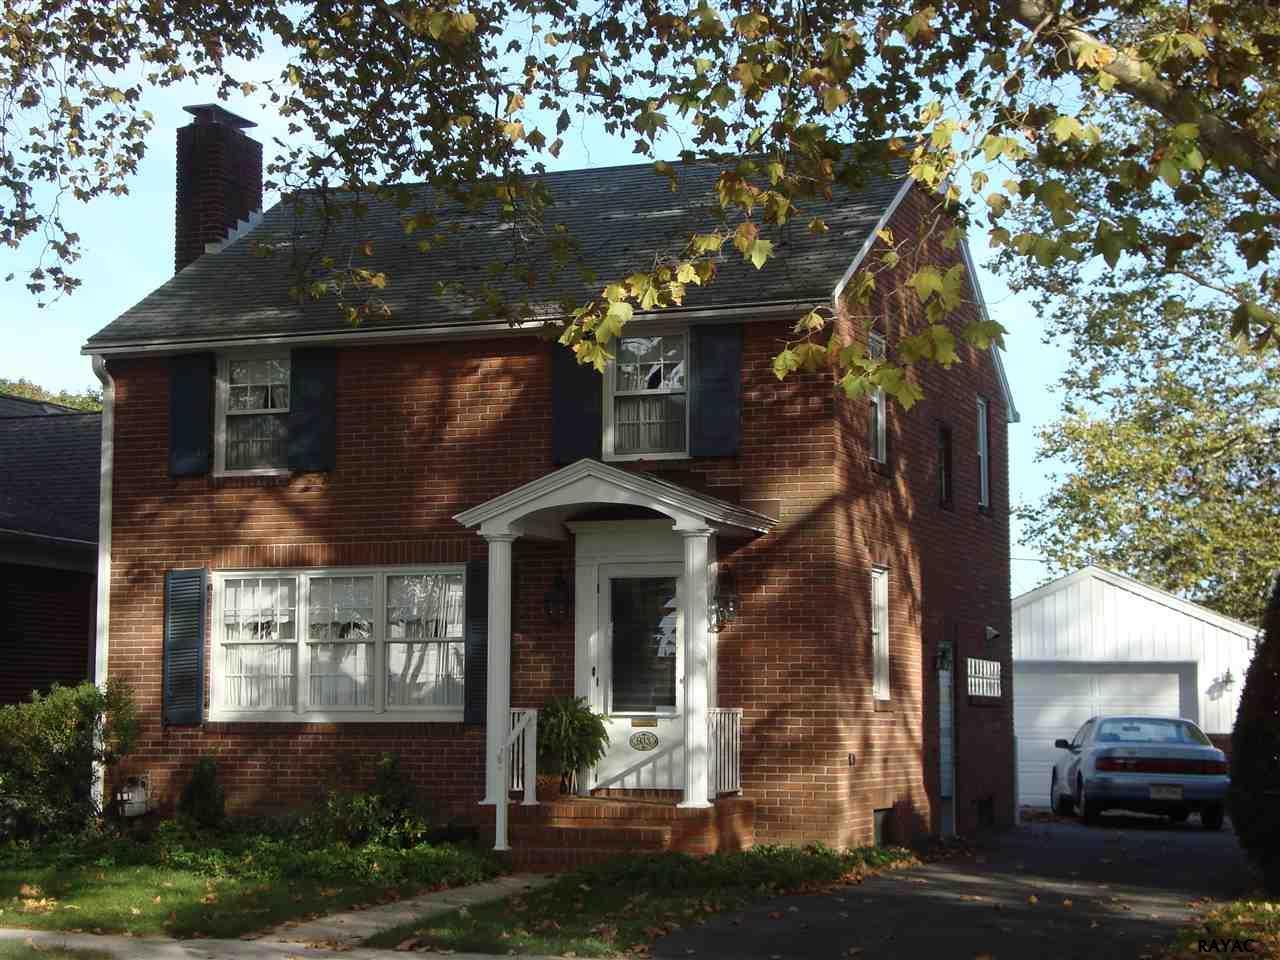 933 E Walnut St, Hanover, PA 17331